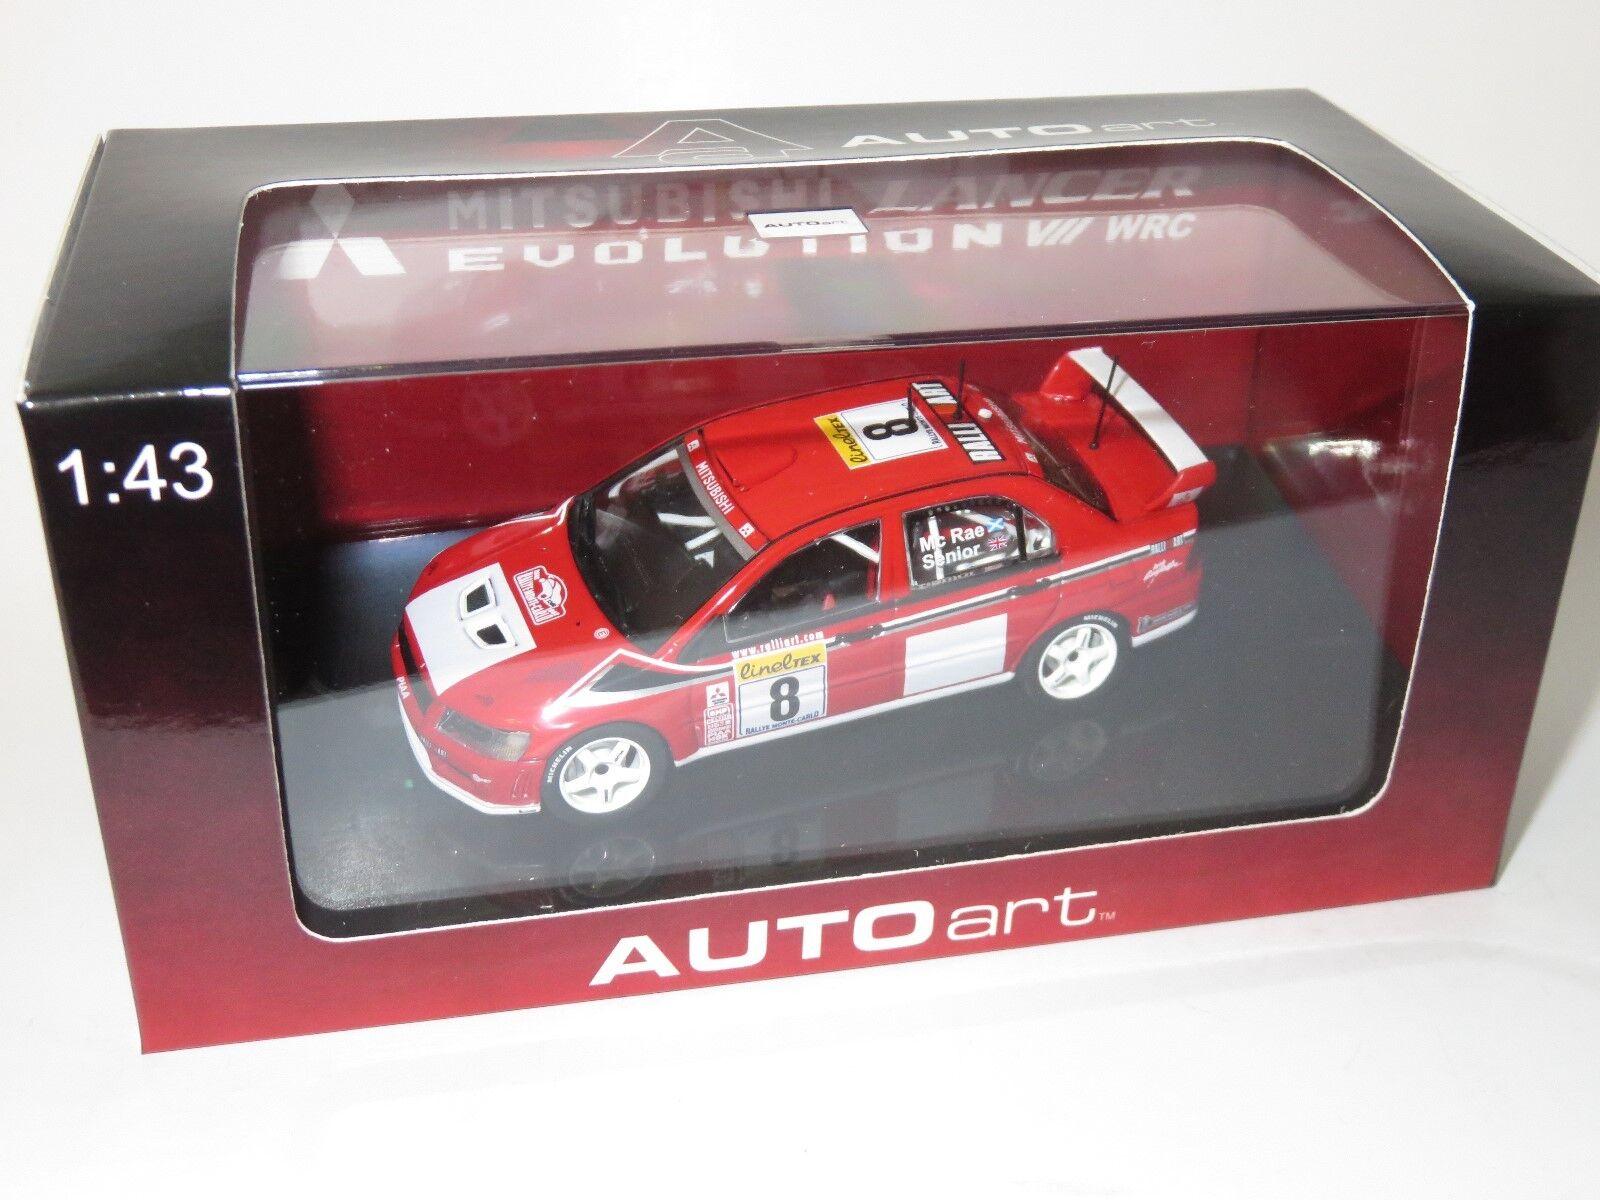 1/43 MITSUBISHI Lancer Evo VII WRC Rallye Monte Carlo 2002 A. McRae | En Qualité Supérieure  | Les Produits De Base Sont